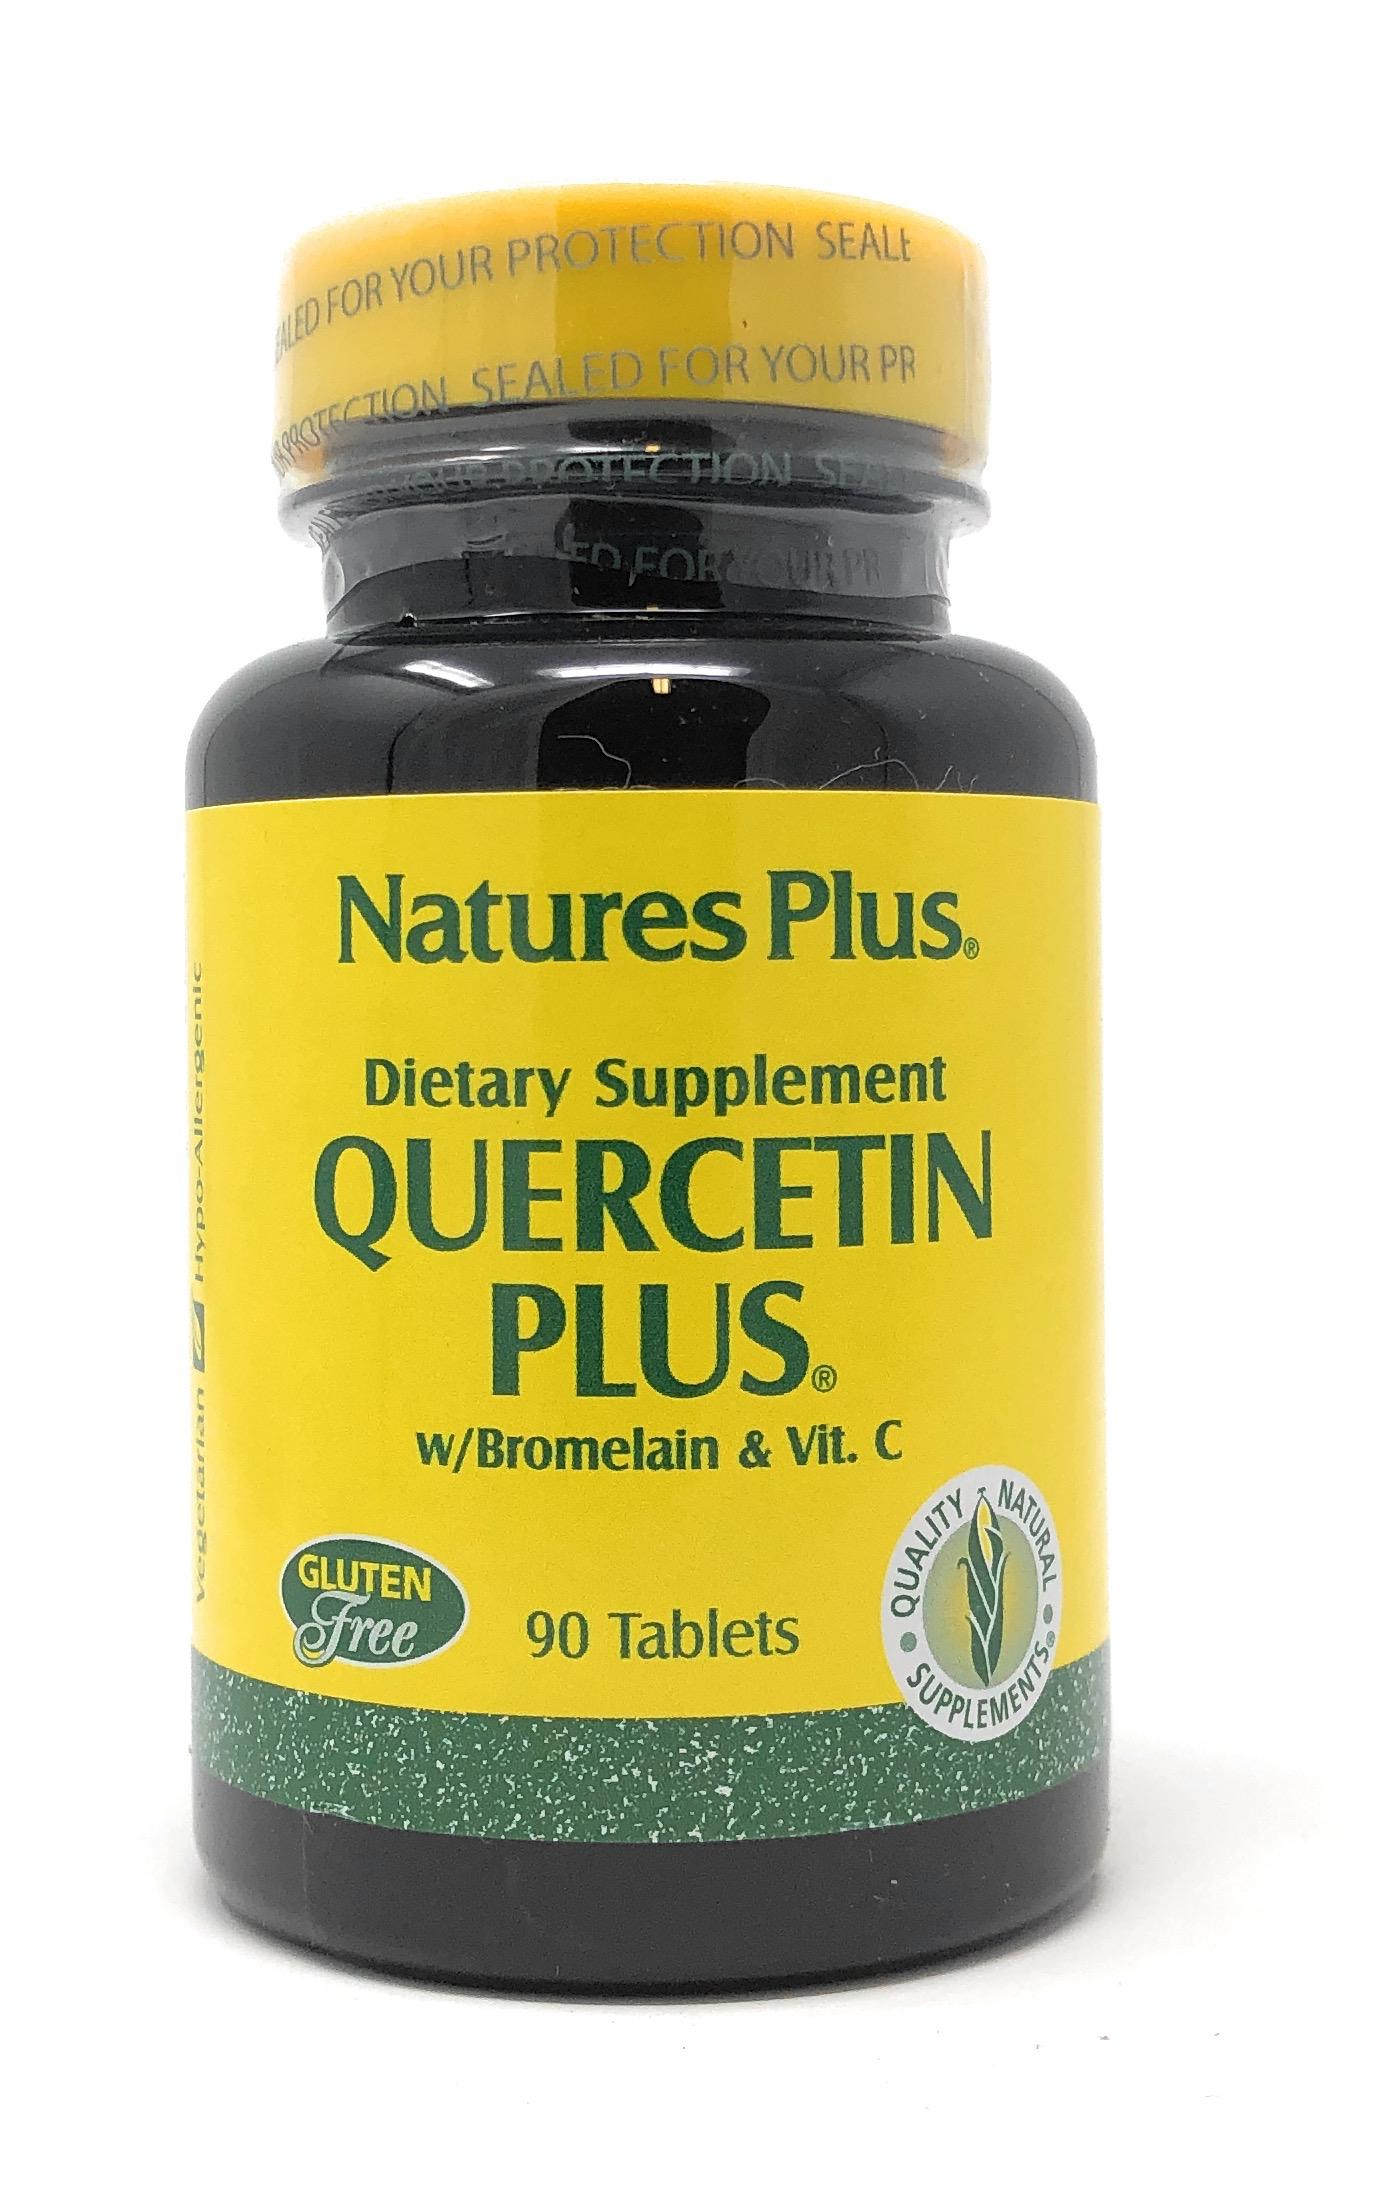 Natures Plus Quercetin Plus (Quercetin + Bromelain) 90 Tabletten (83,2g)